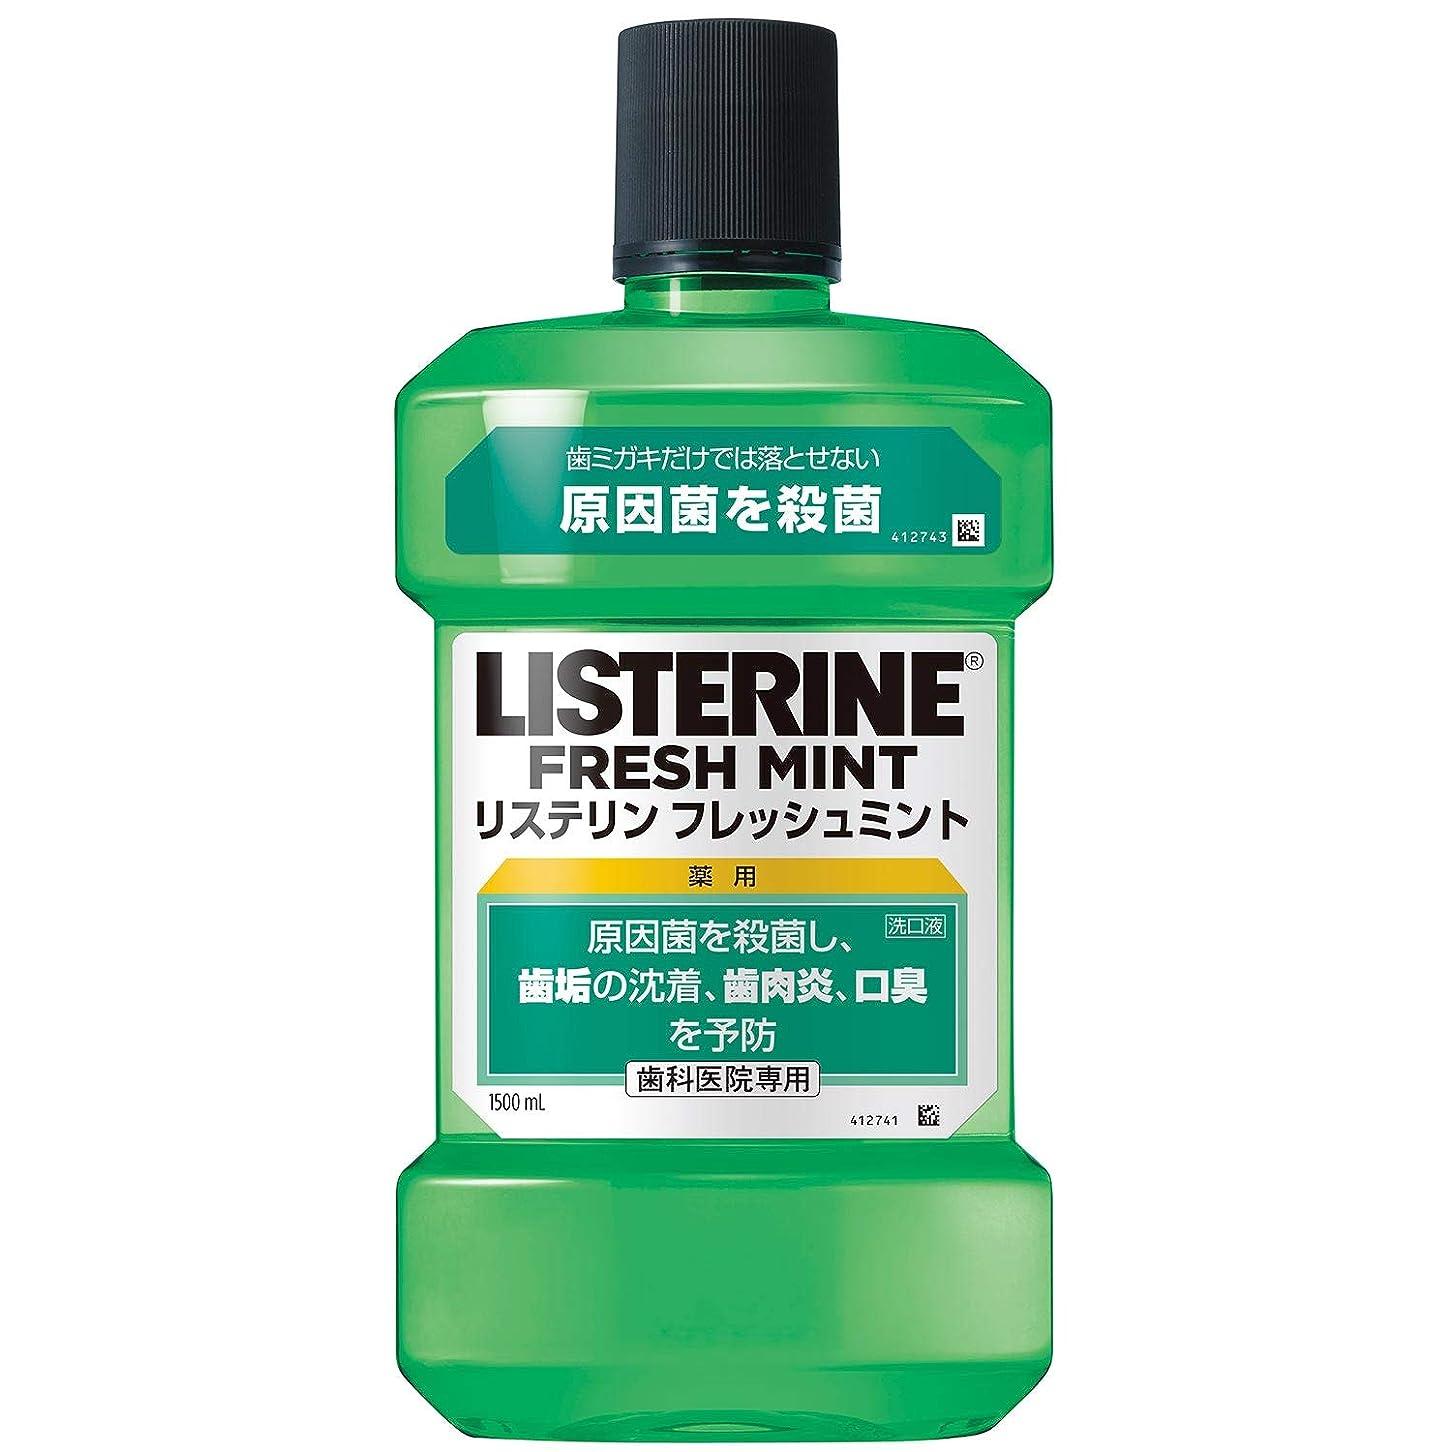 継続中ドラマ余分な[医薬部外品] 薬用 リステリン マウスウォッシュ フレッシュミント 1500mL【大容量】